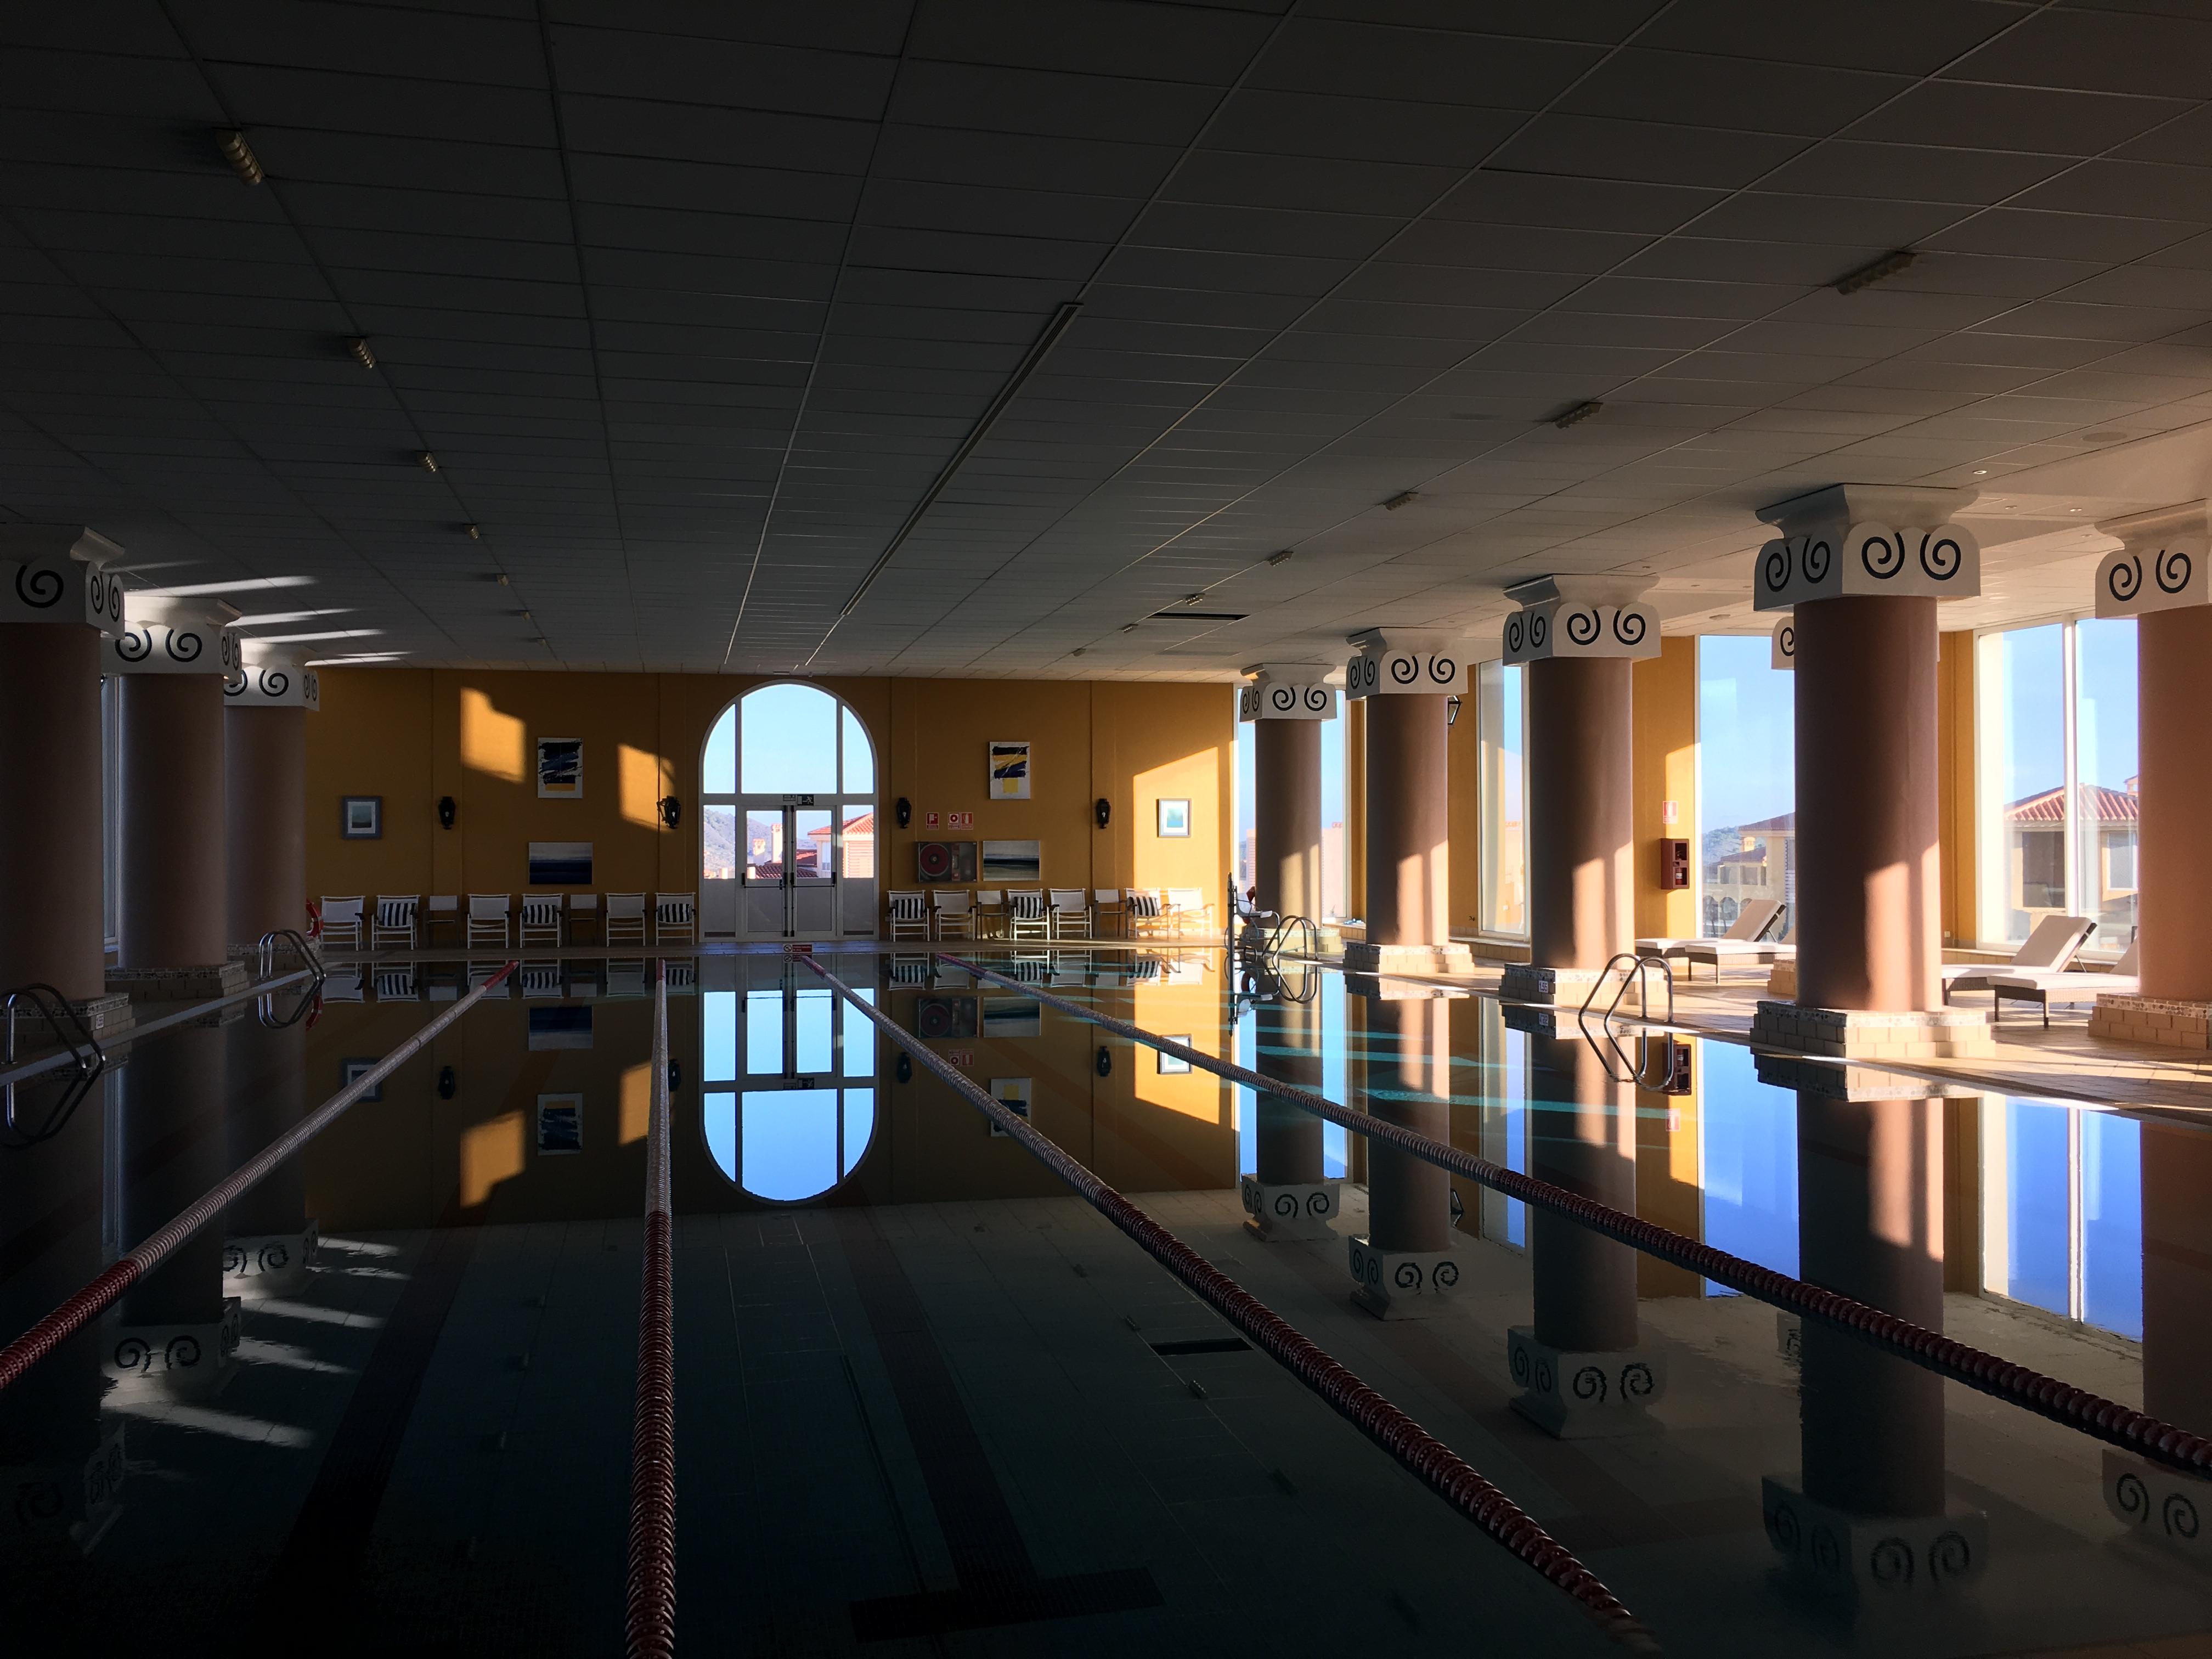 Ein Schwimmbad samt traumhaften Ausblick wartet neben den Golfplätzen auf die Gäste. (Foto: Golf Post)